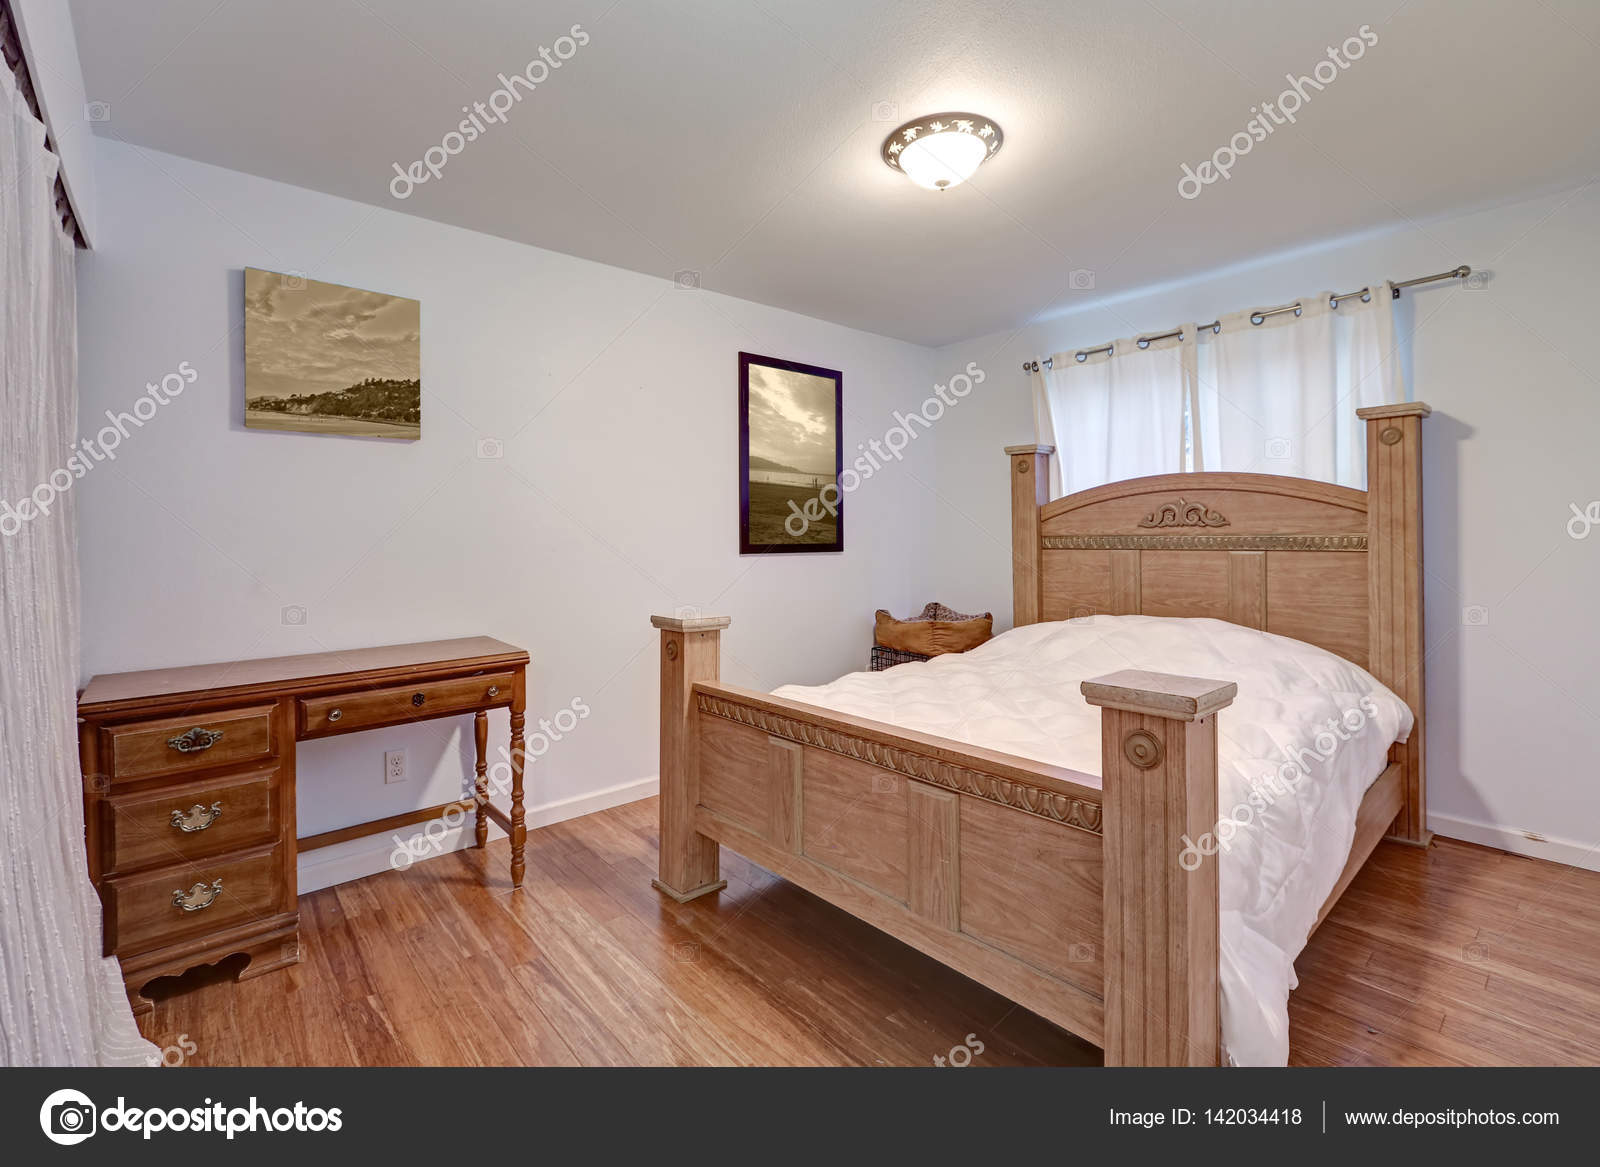 Schönes Schlafzimmer Verfügt über Wunderschöne Holz Geschnitzt Bett